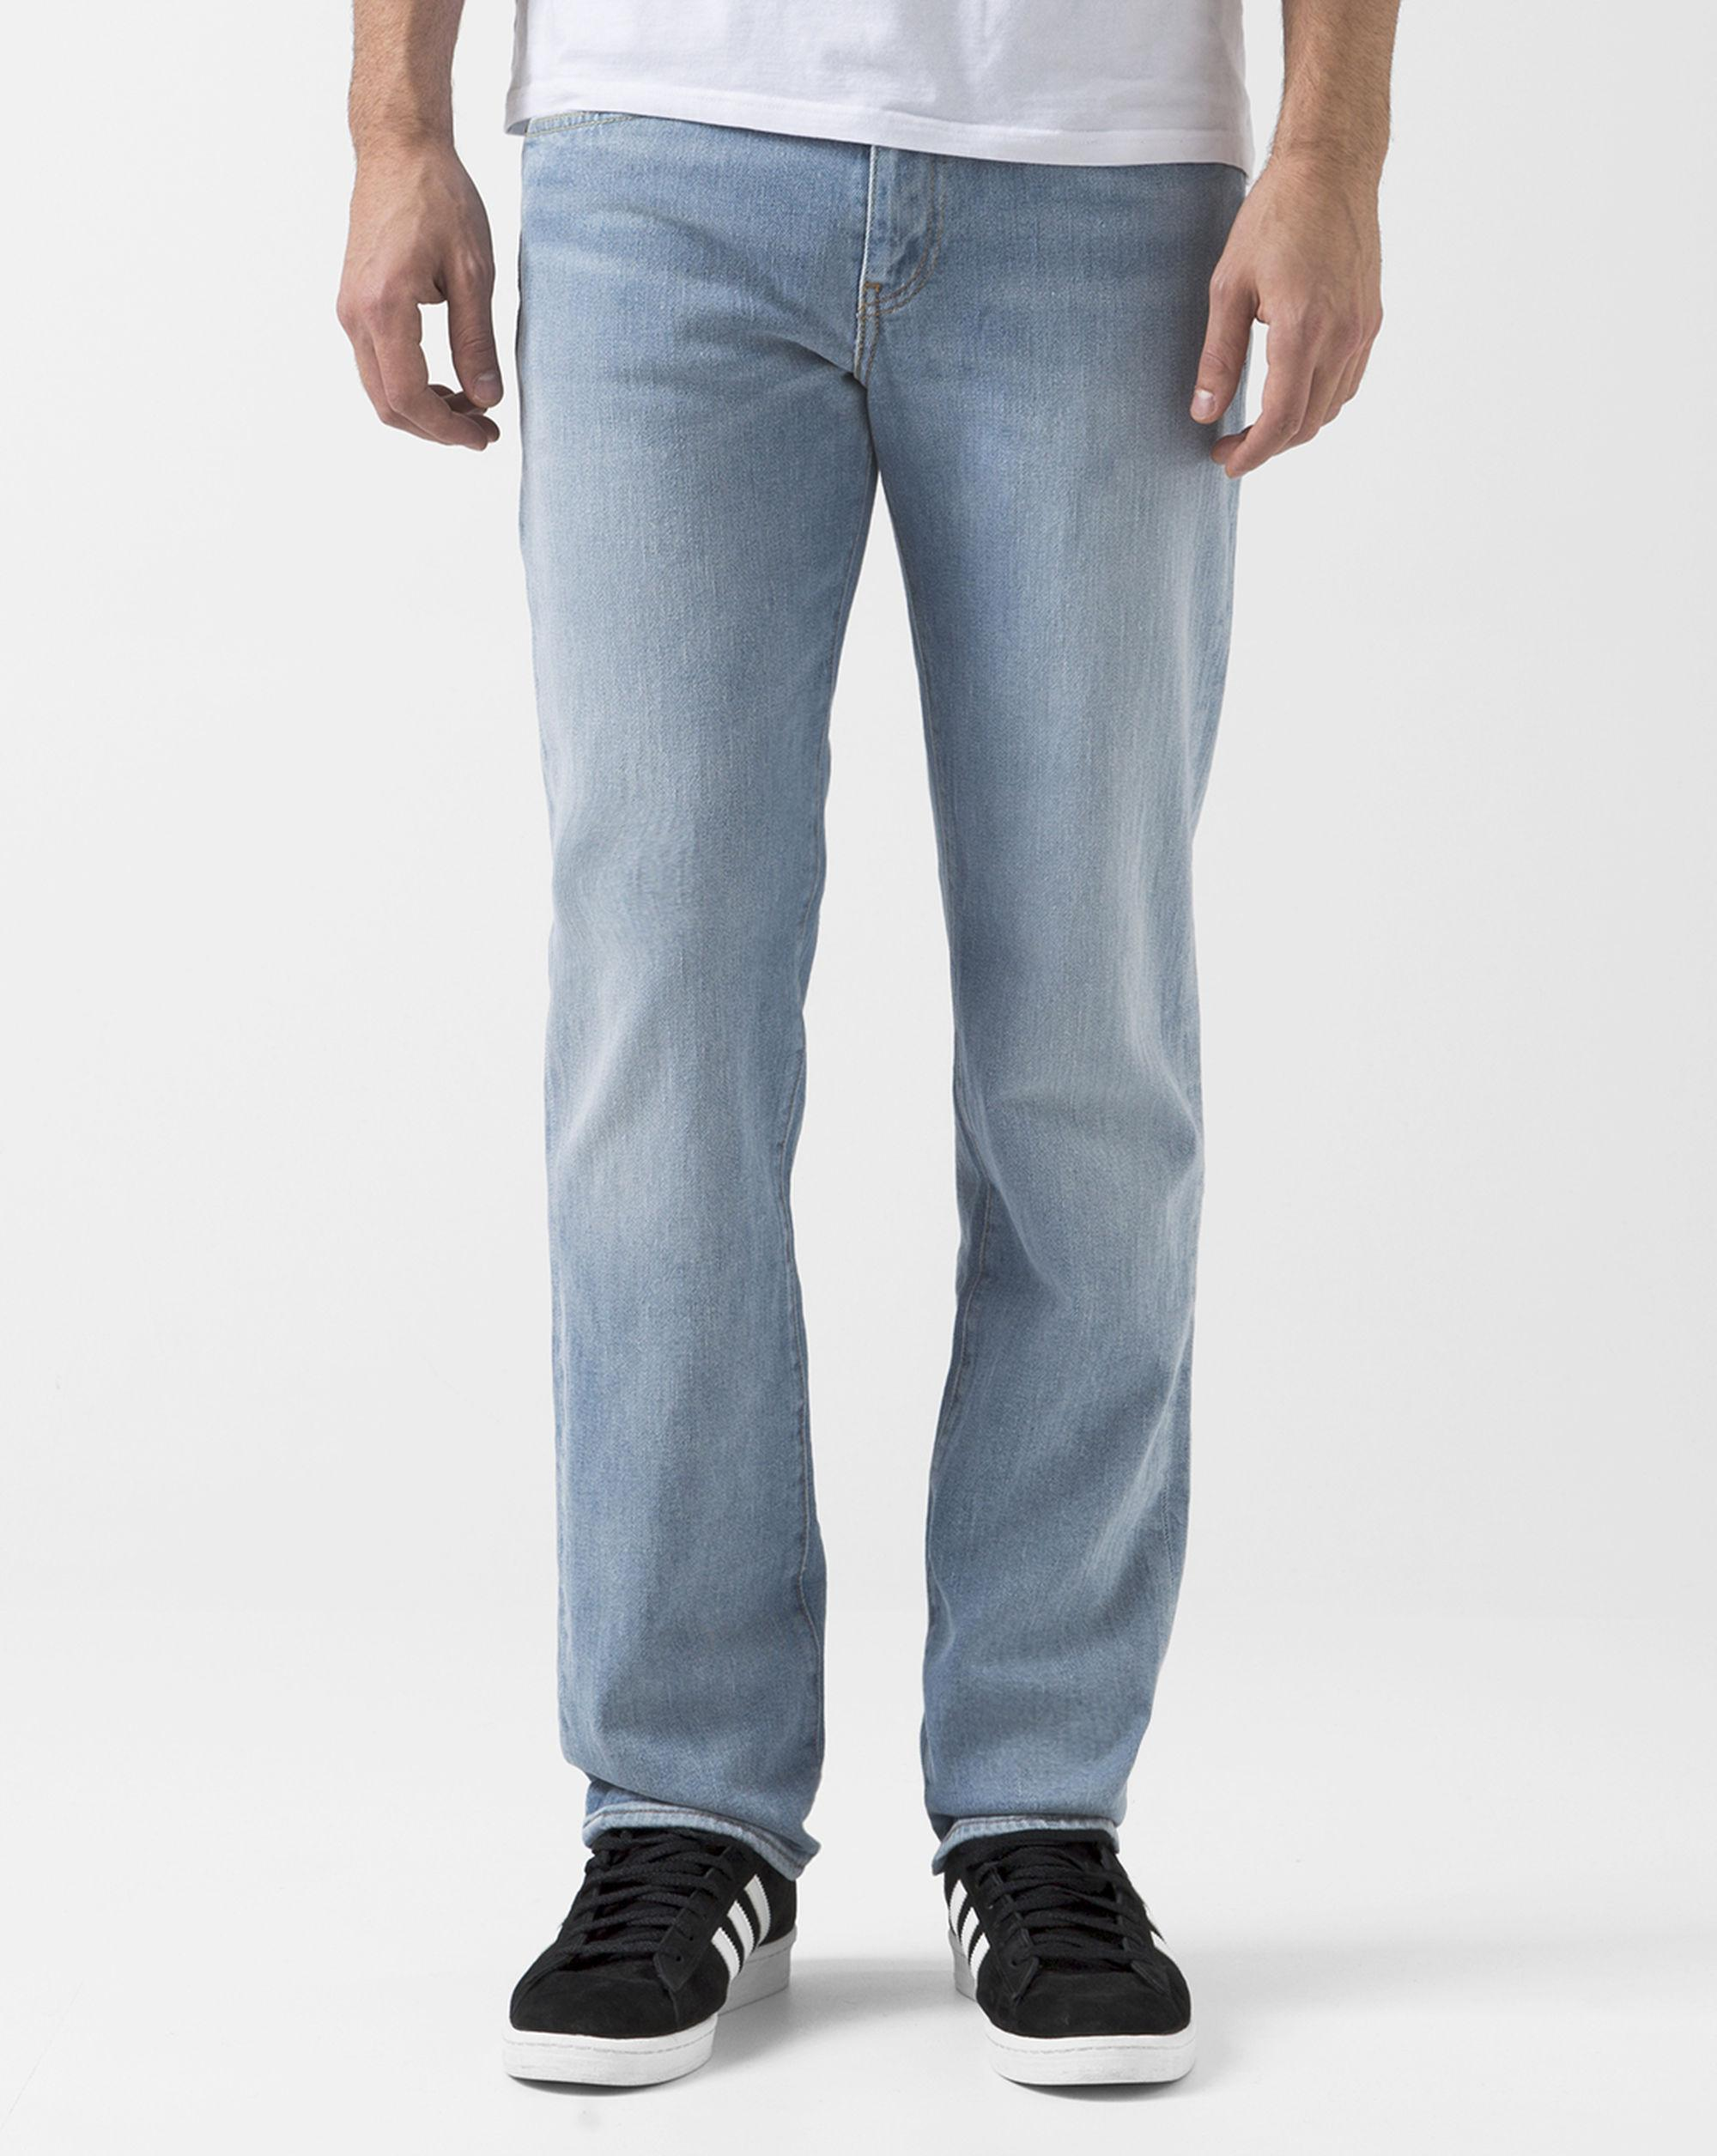 levi 39 s light washed blue slim 511 jeans in blue for men lyst. Black Bedroom Furniture Sets. Home Design Ideas